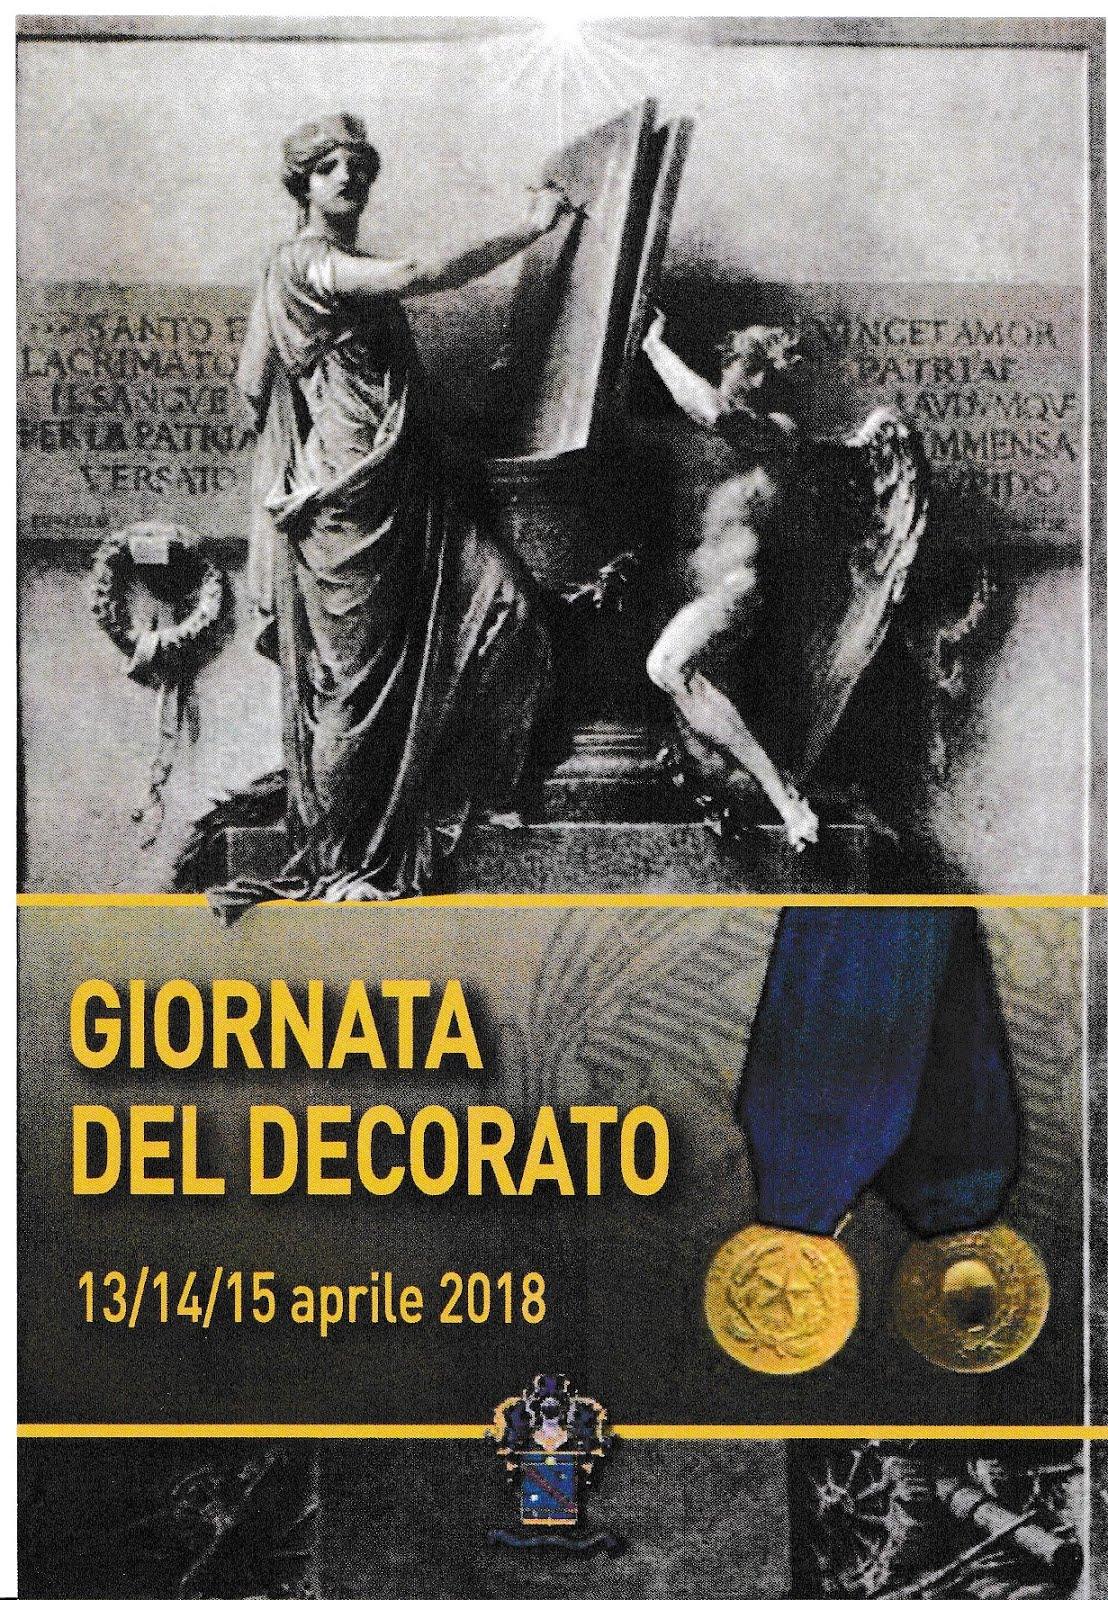 Giornata del Decorato Fosse Ardeatine 14 aprile 2018